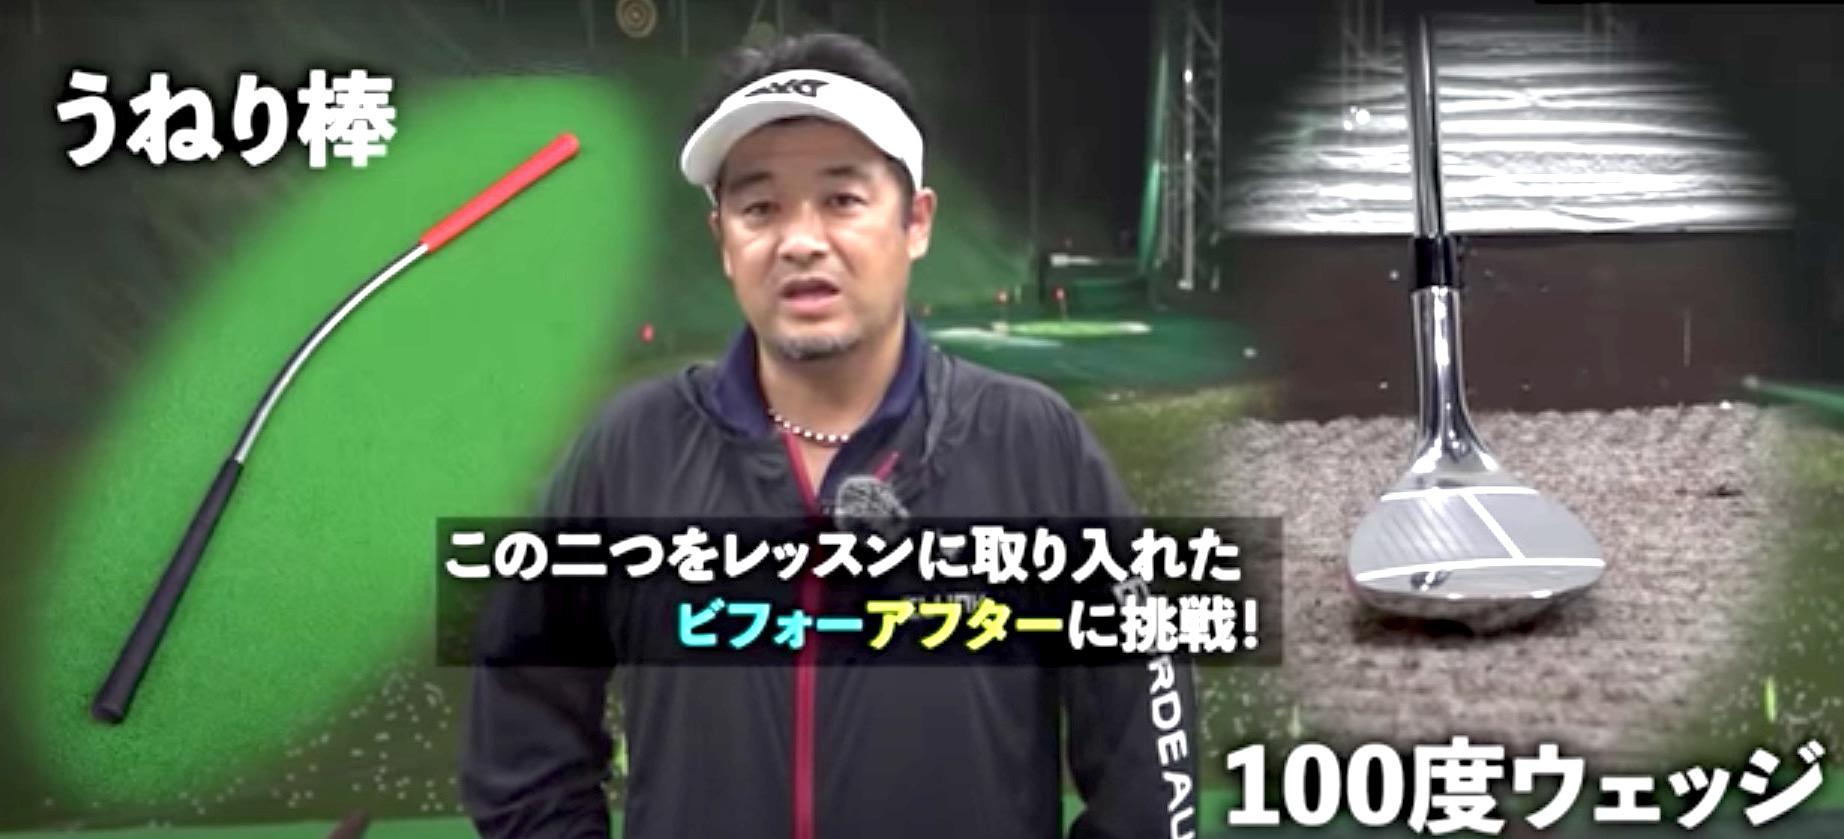 三觜TV コラボ動画